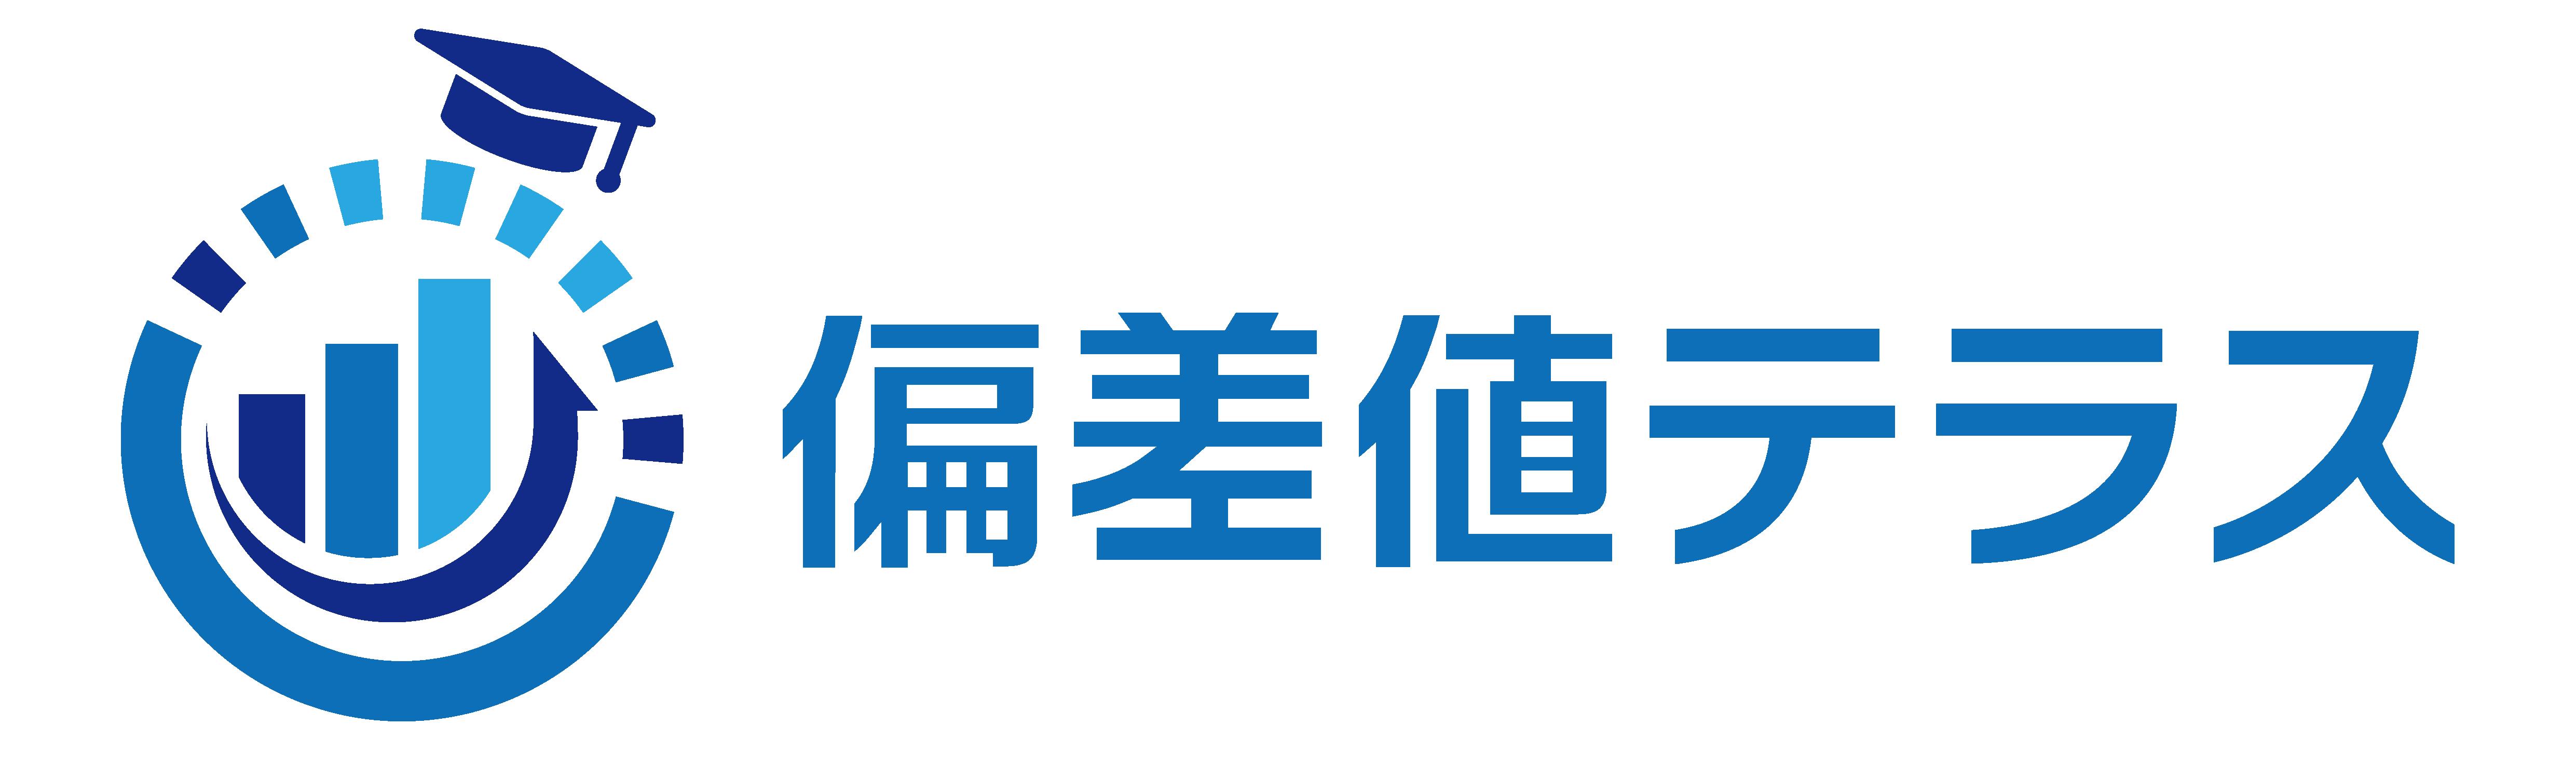 値 偏差 順天堂 医学部